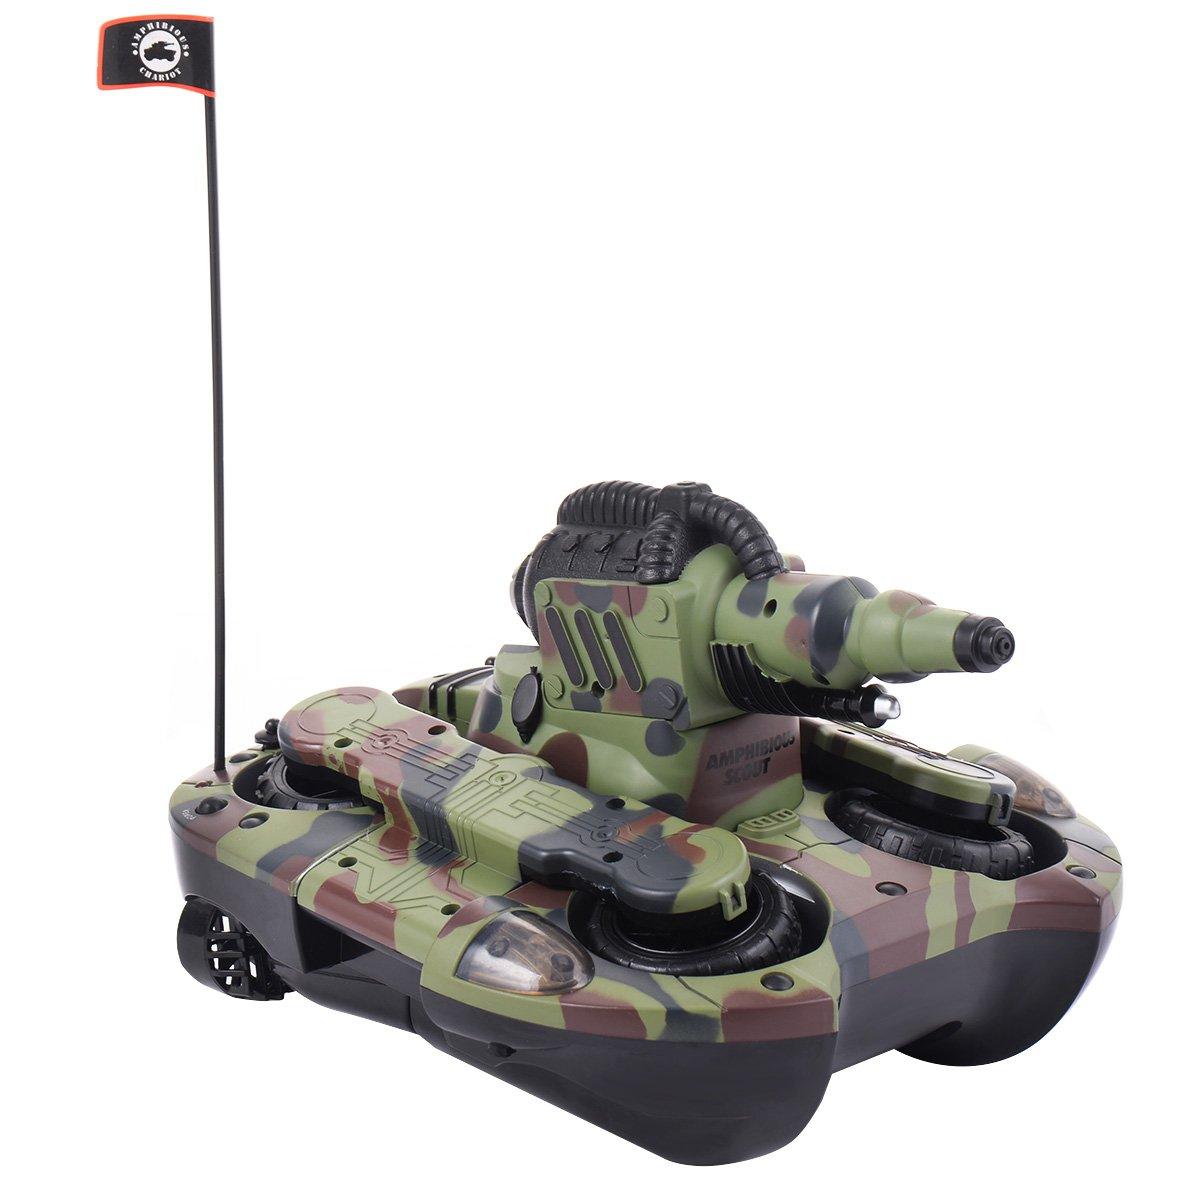 FDS 2,4G RC Ferngesteuerter Panzer Amphibienauto Amphibienfahrzeug Spielzeug mit Schuss-Funktion(Wasser)